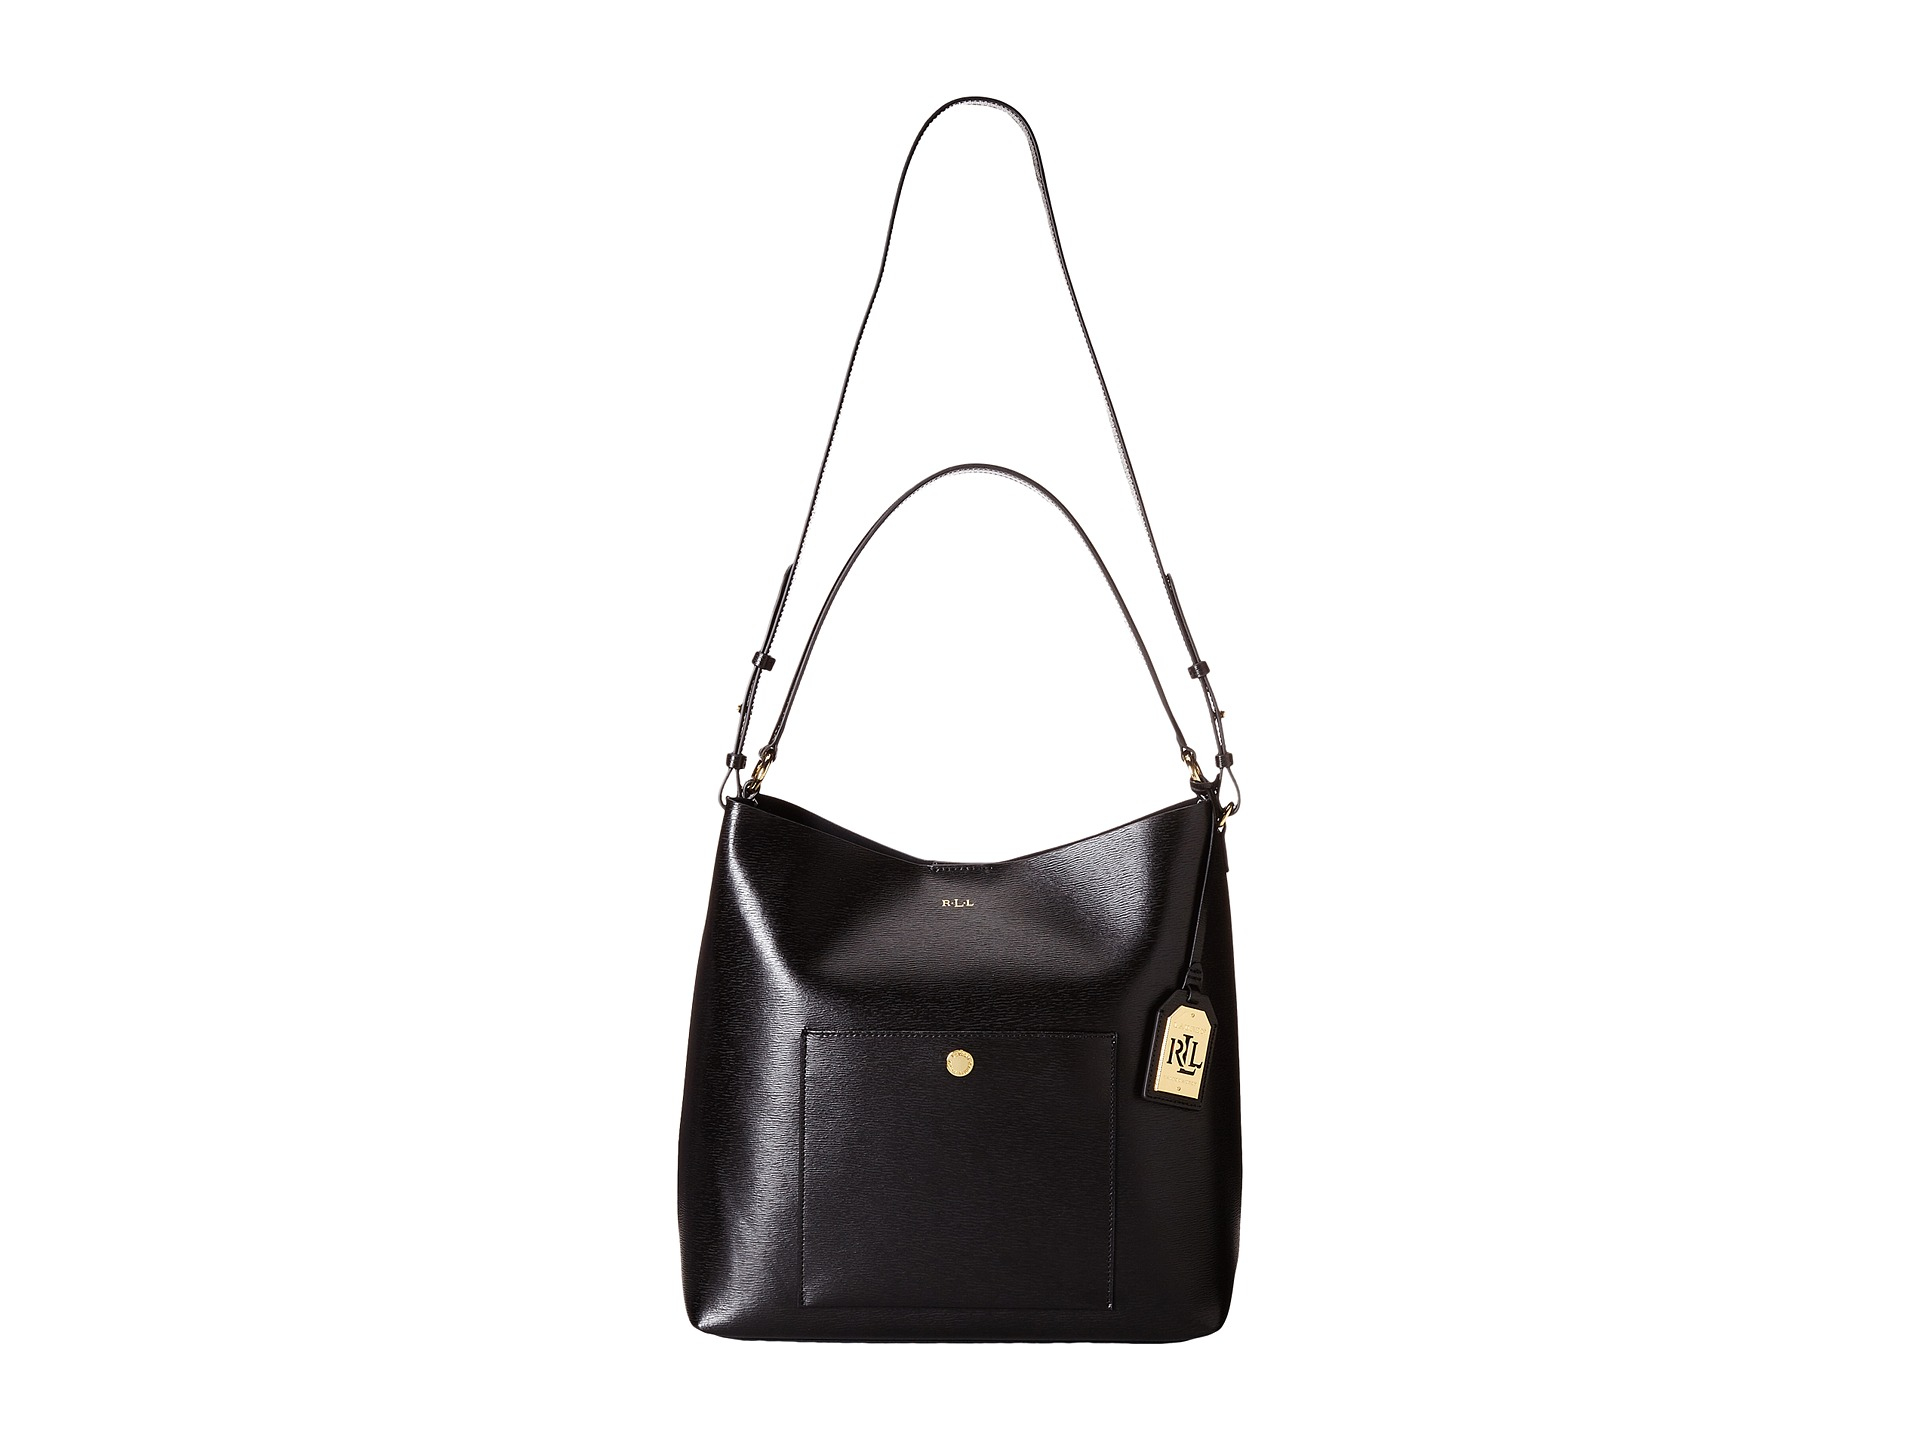 Lyst - Lauren by Ralph Lauren Newbury Pocket Hobo in Black a107746d1d3f8